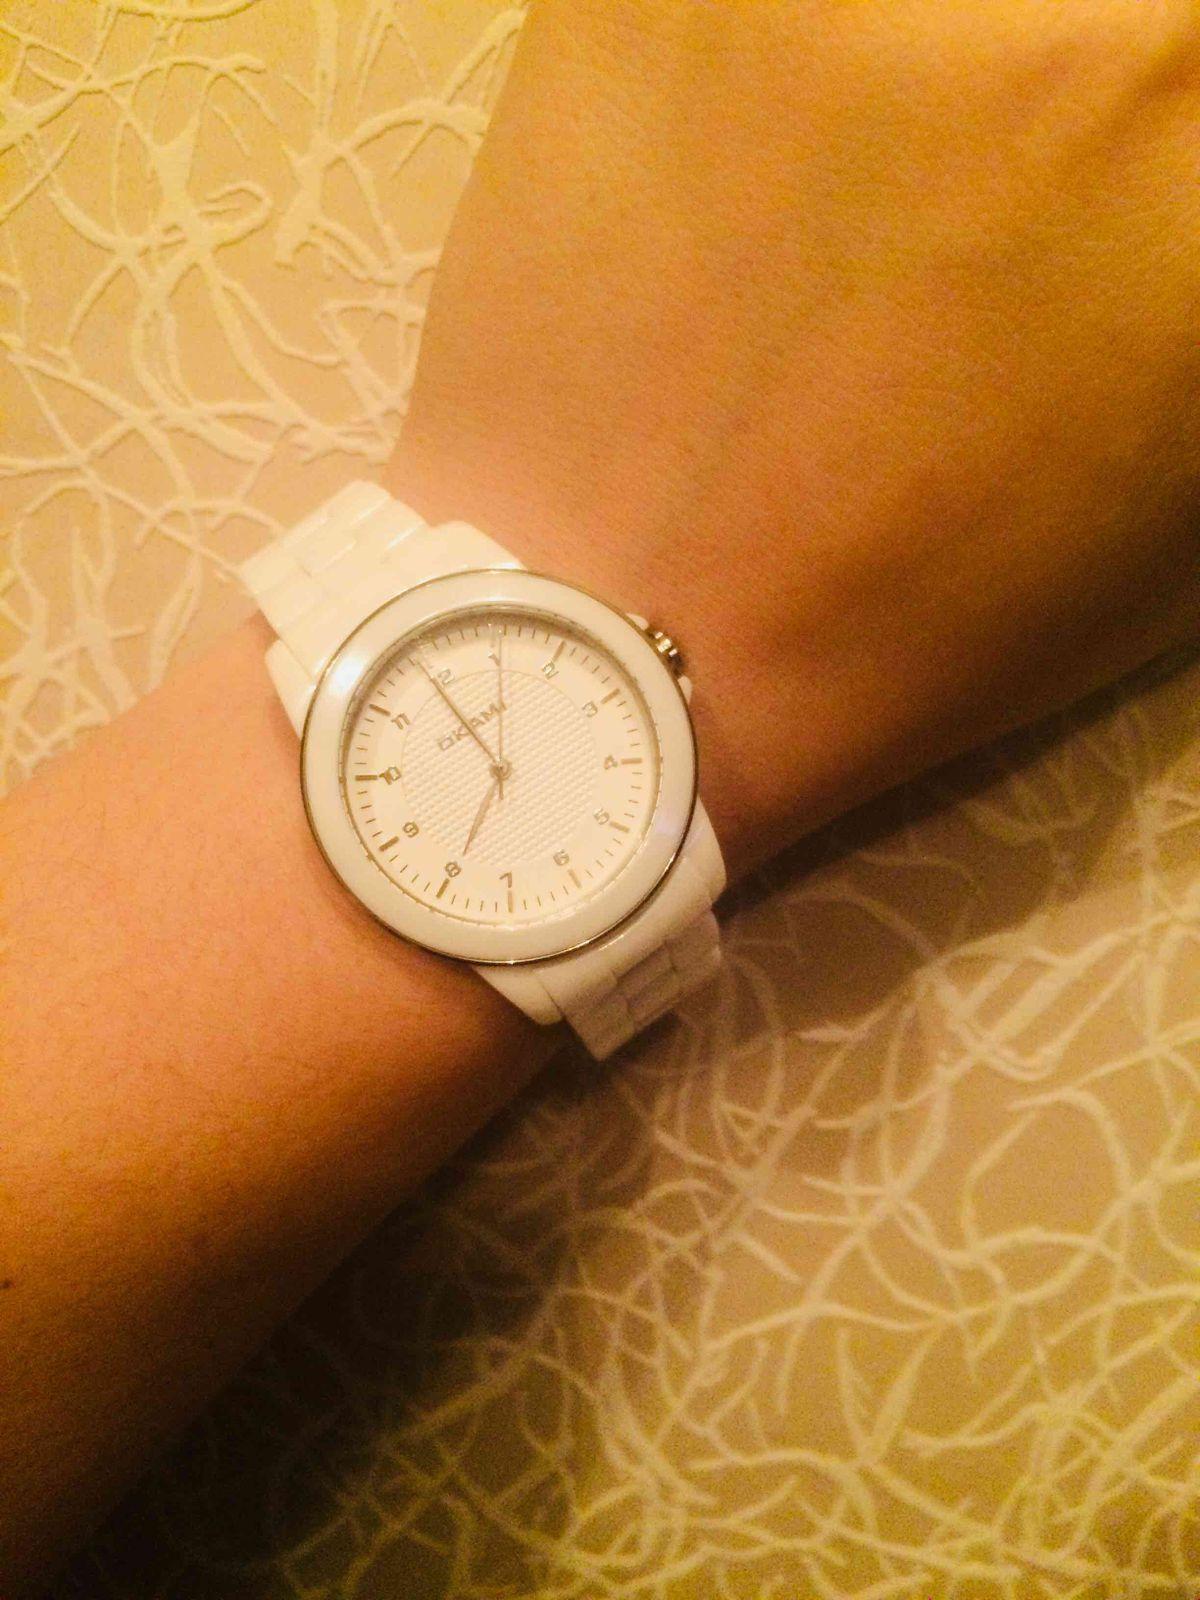 Стильные часы за приемлемую цену!